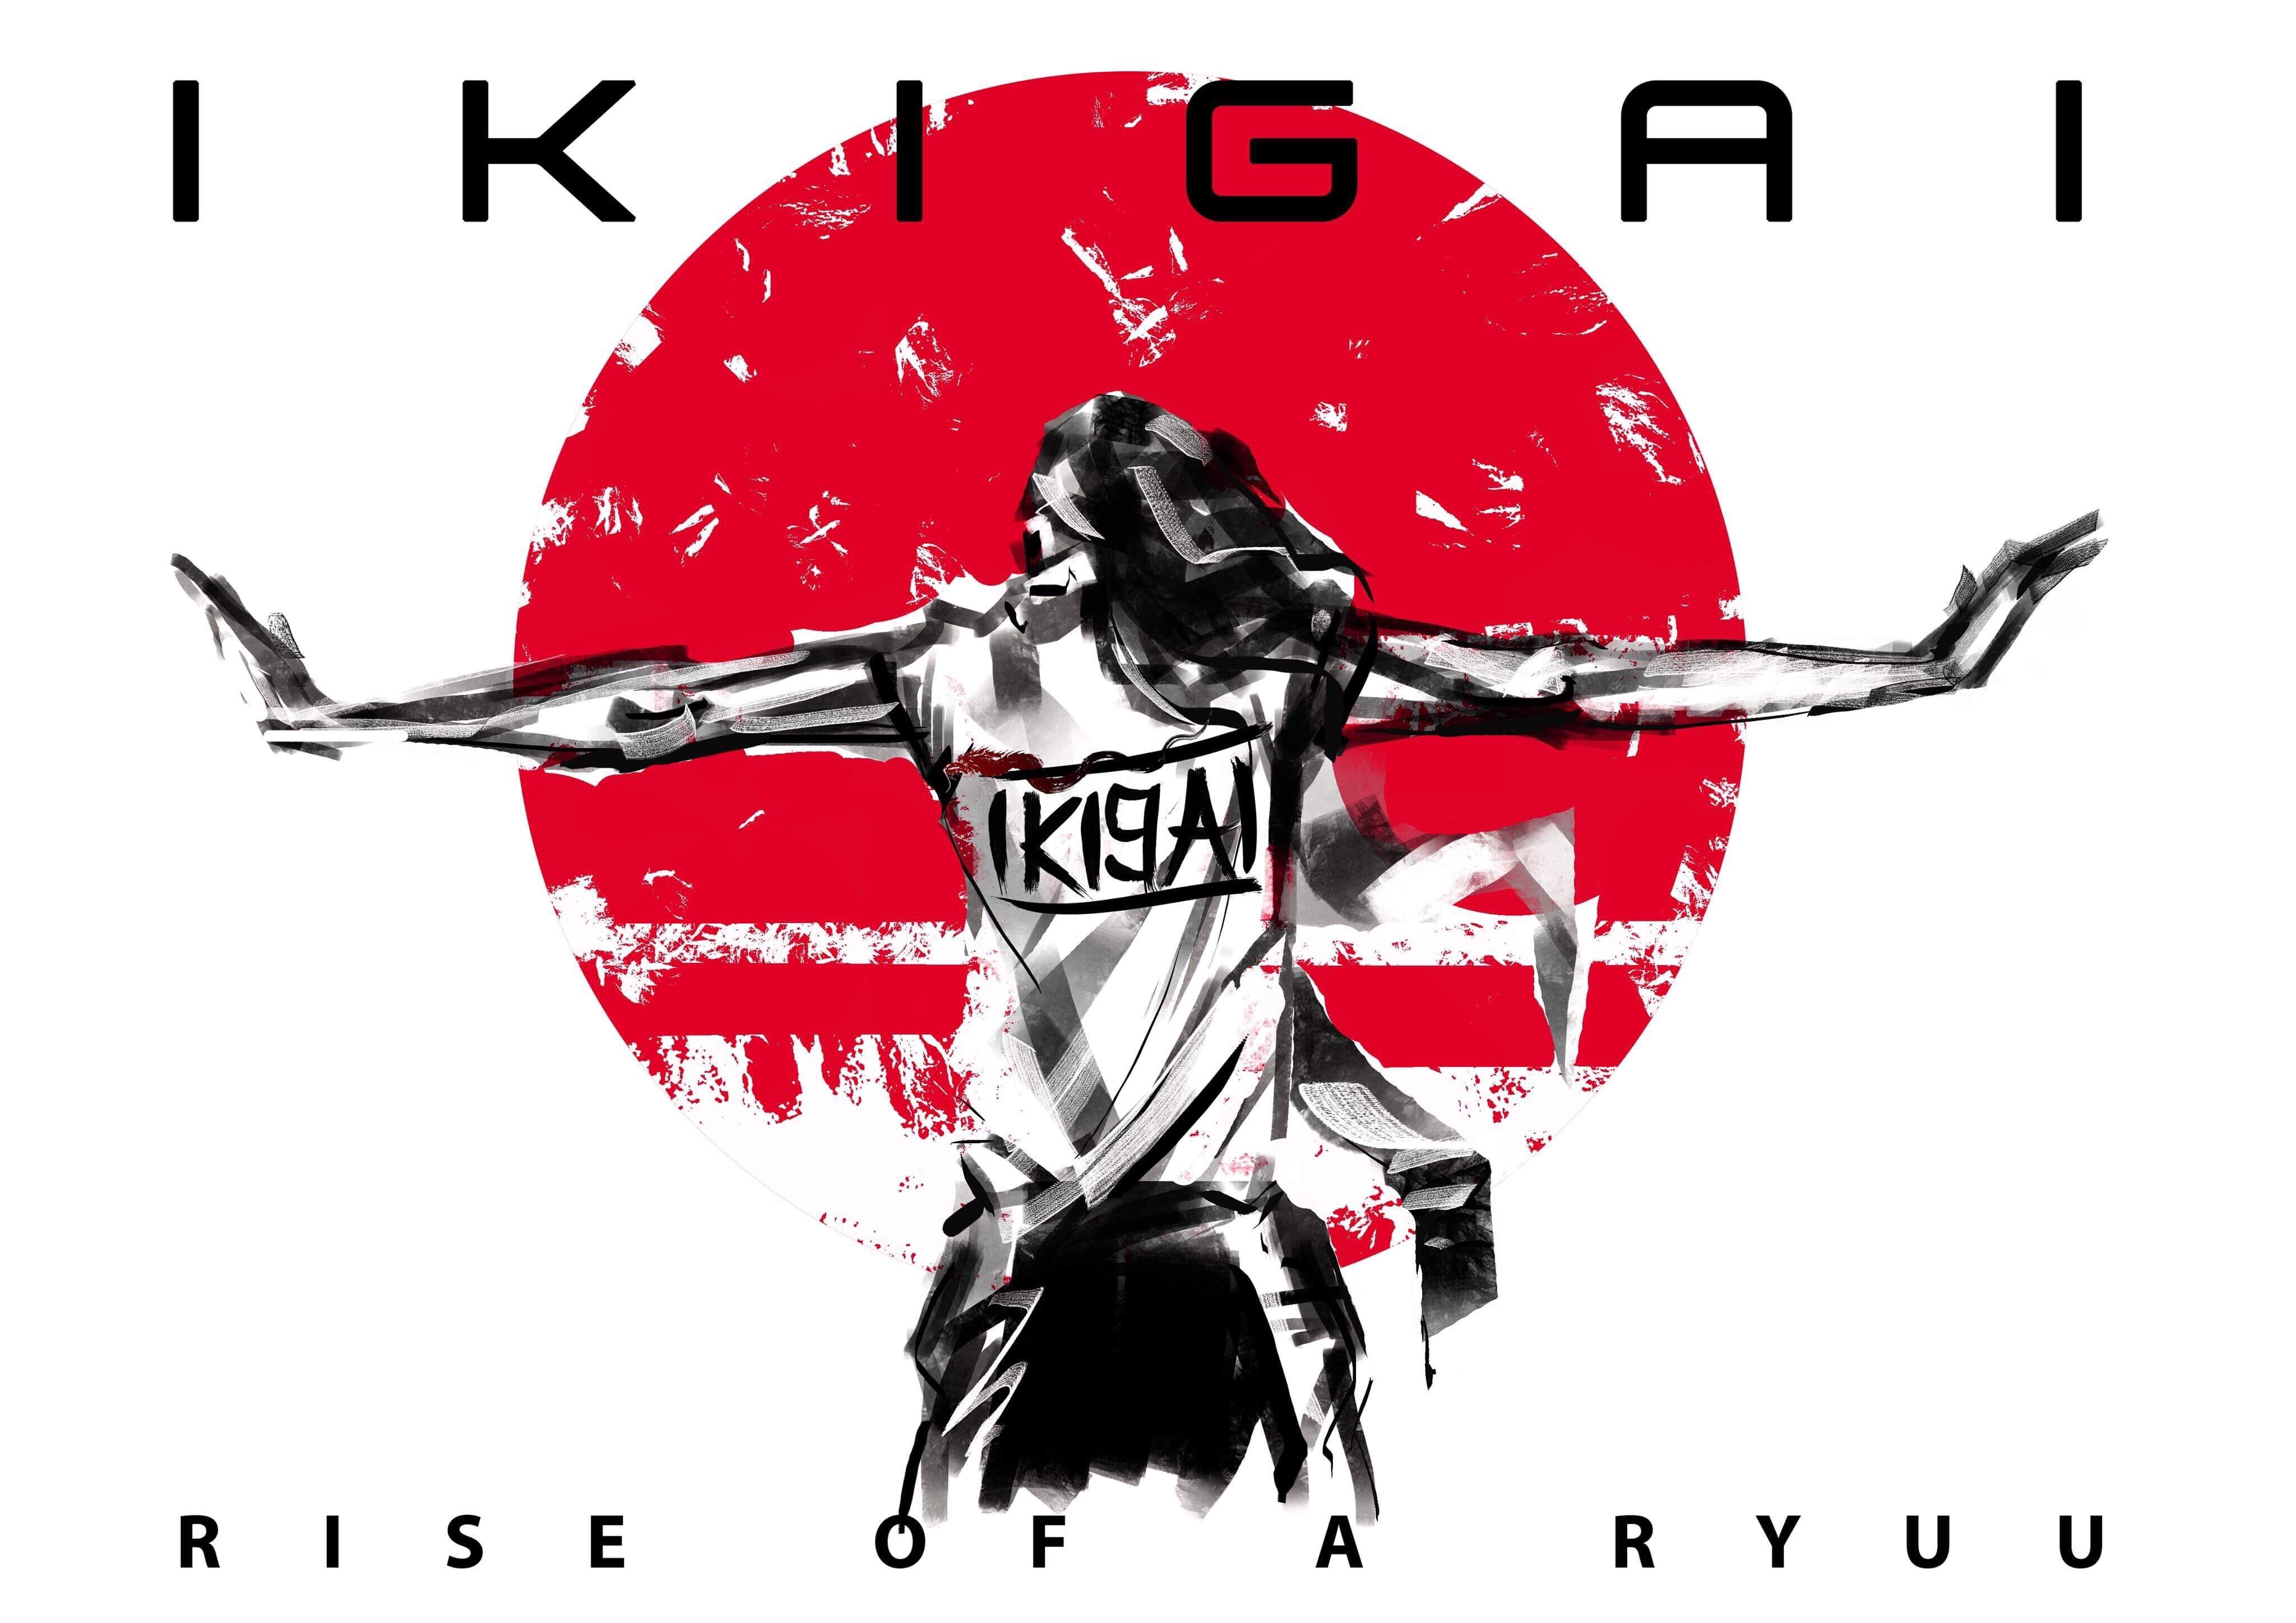 ikigai_-_rise_of_a_ryuu_nimble_agency.jpg